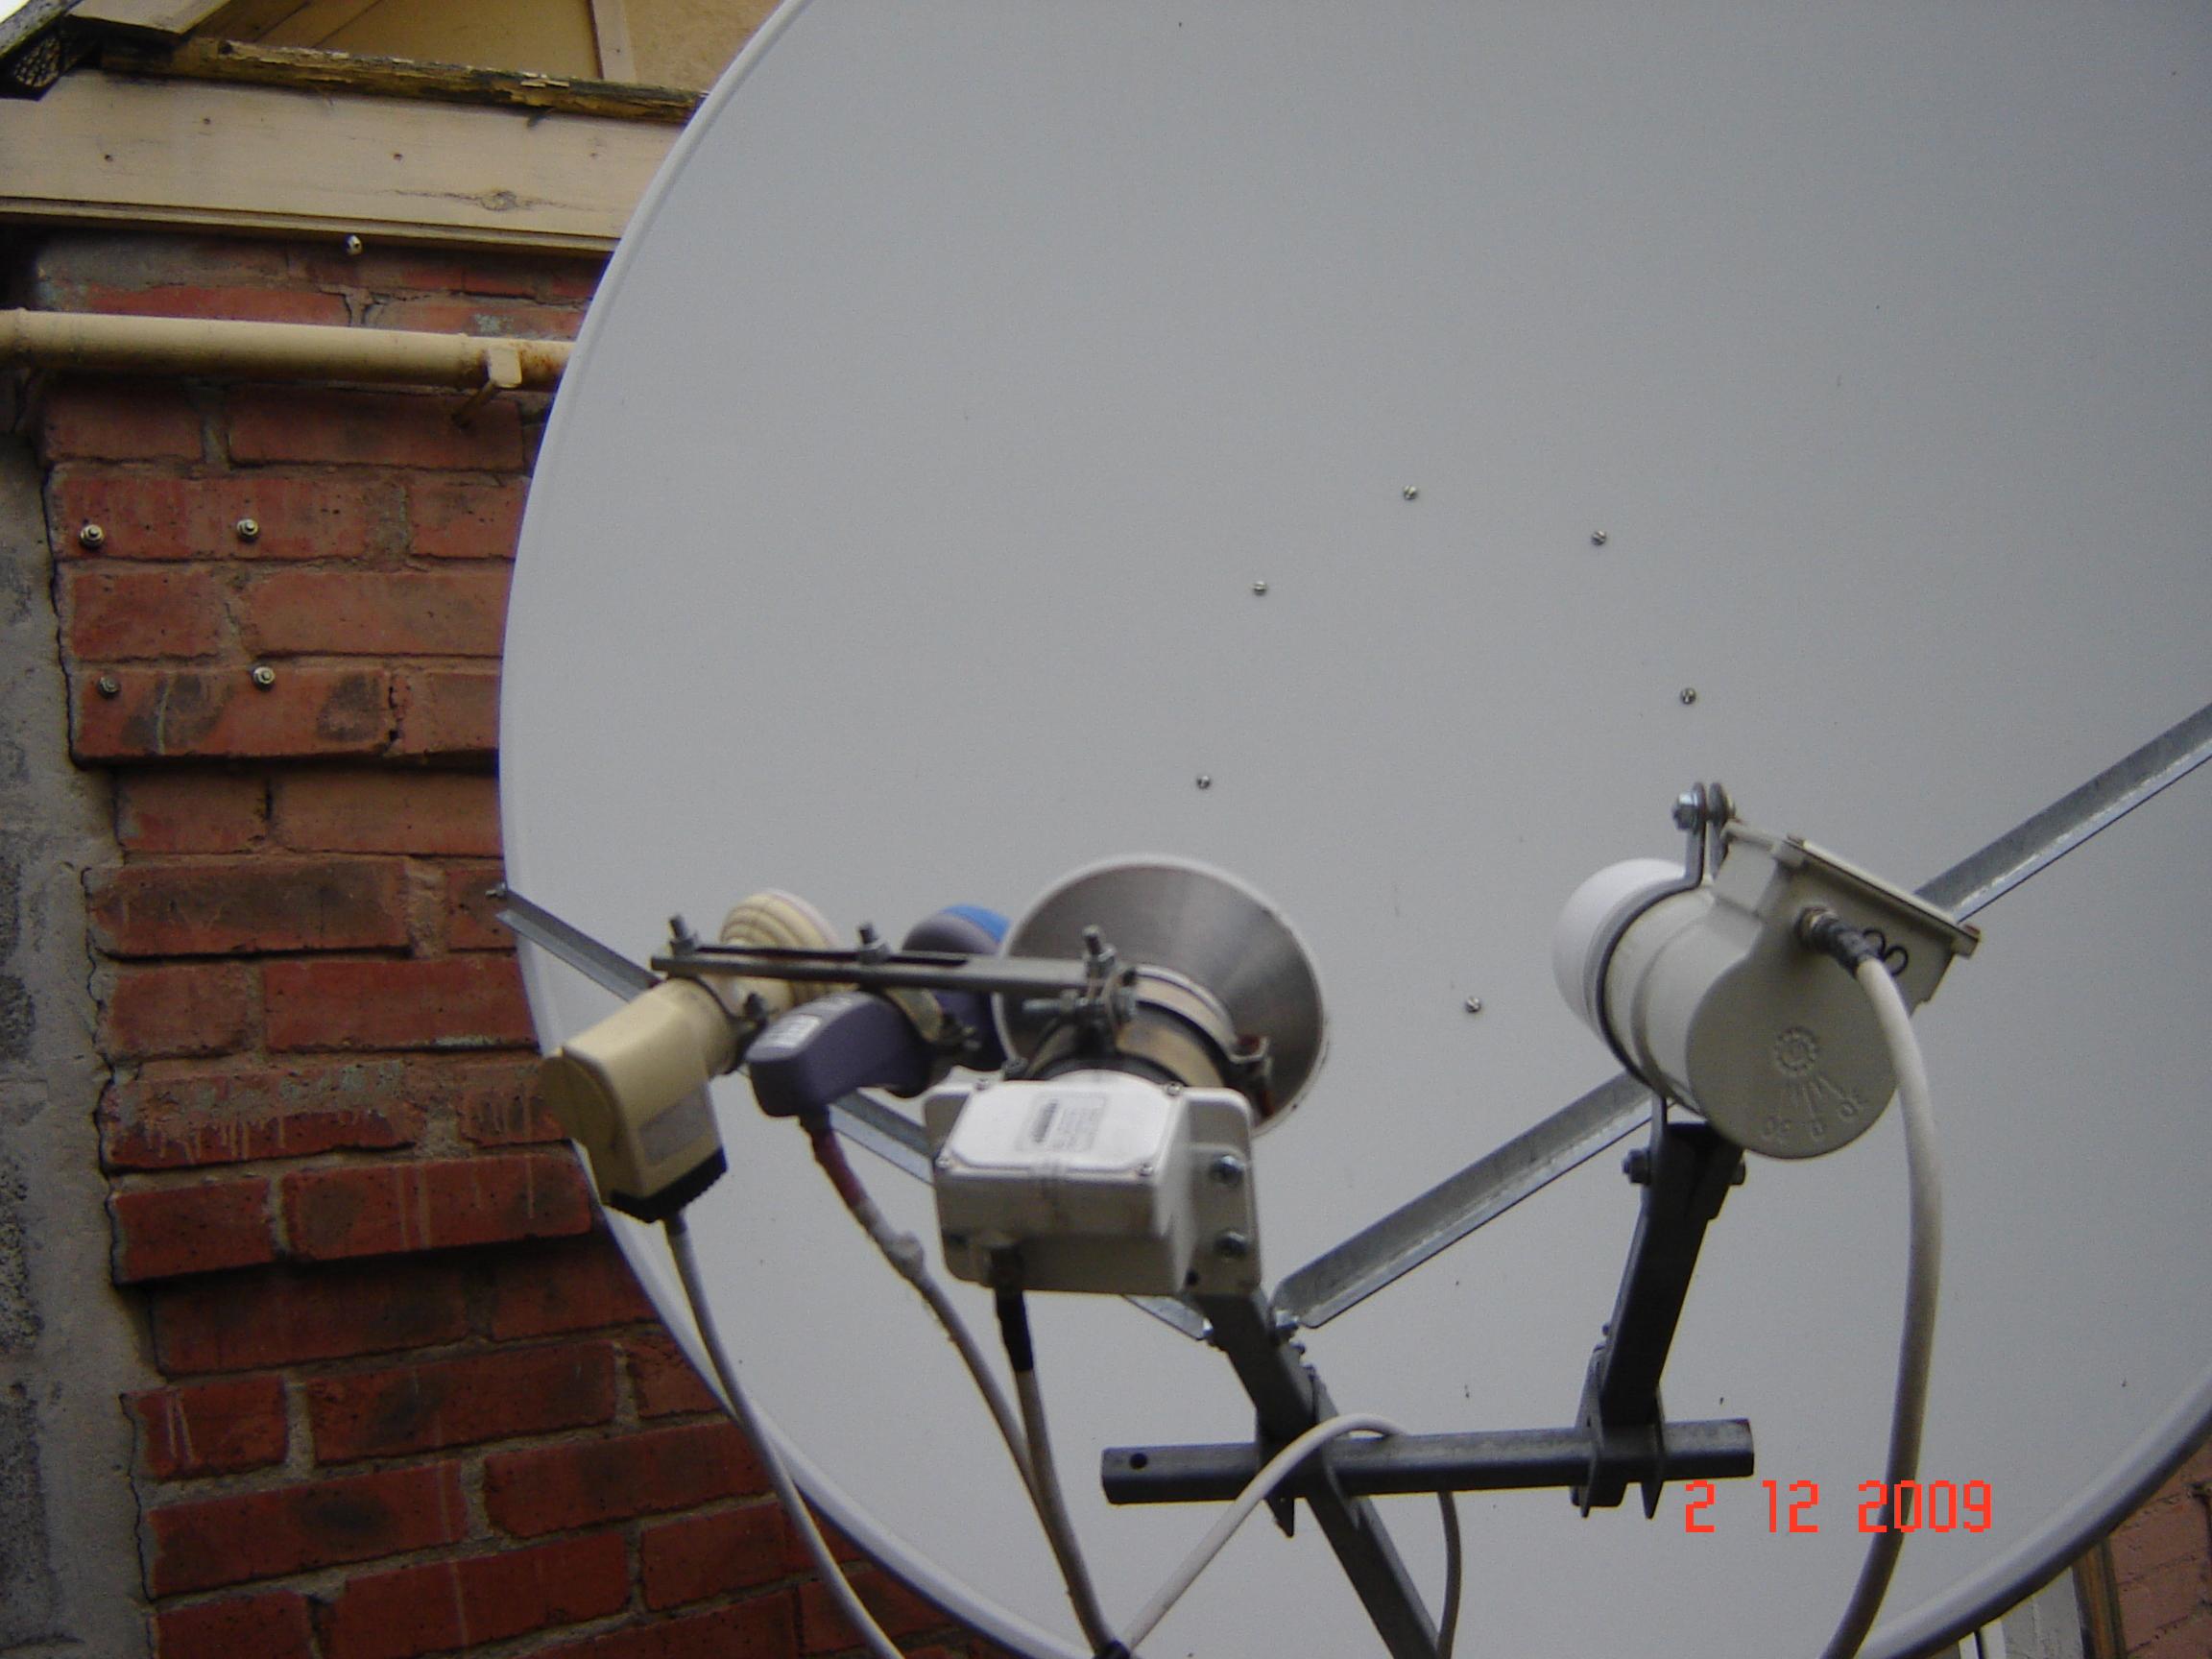 Настройка спутниковой антенны при помощи прибора Sat 79